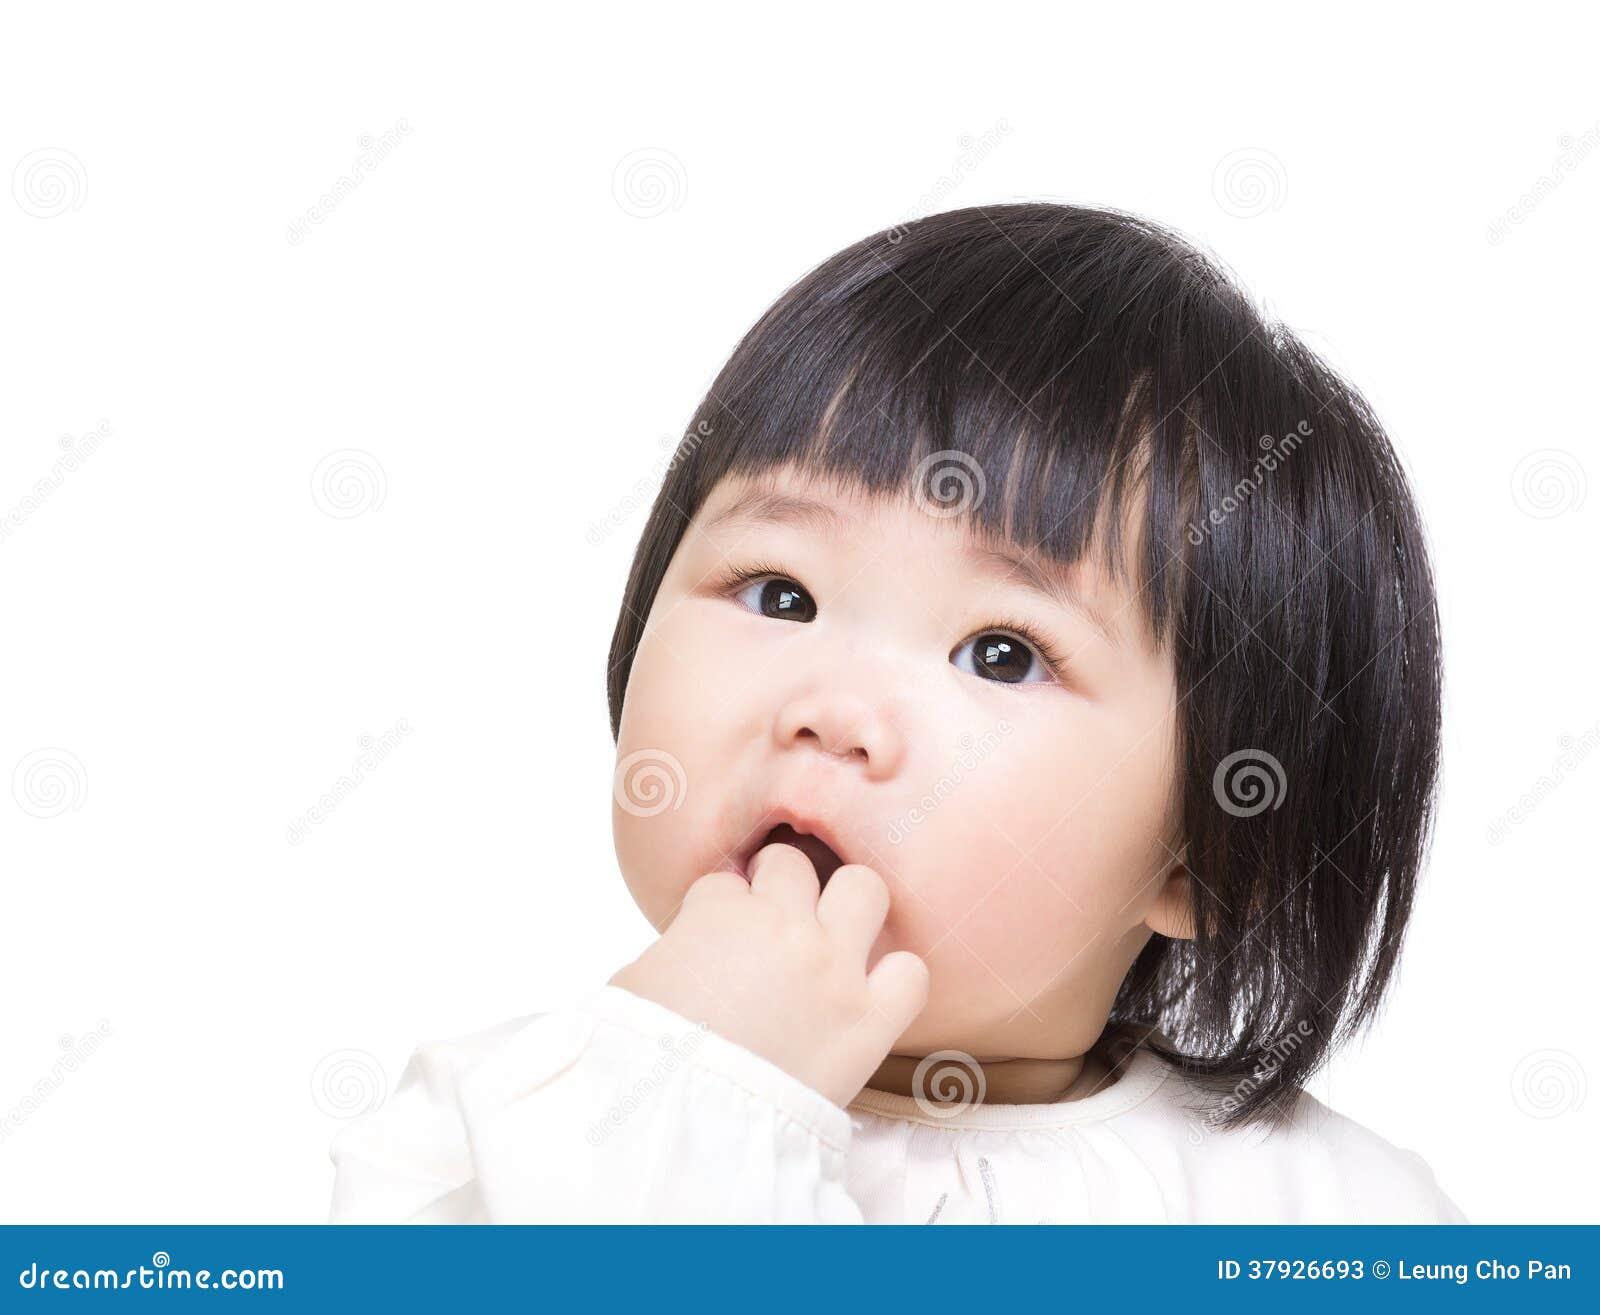 Младенец Азии всасывает палец в рте